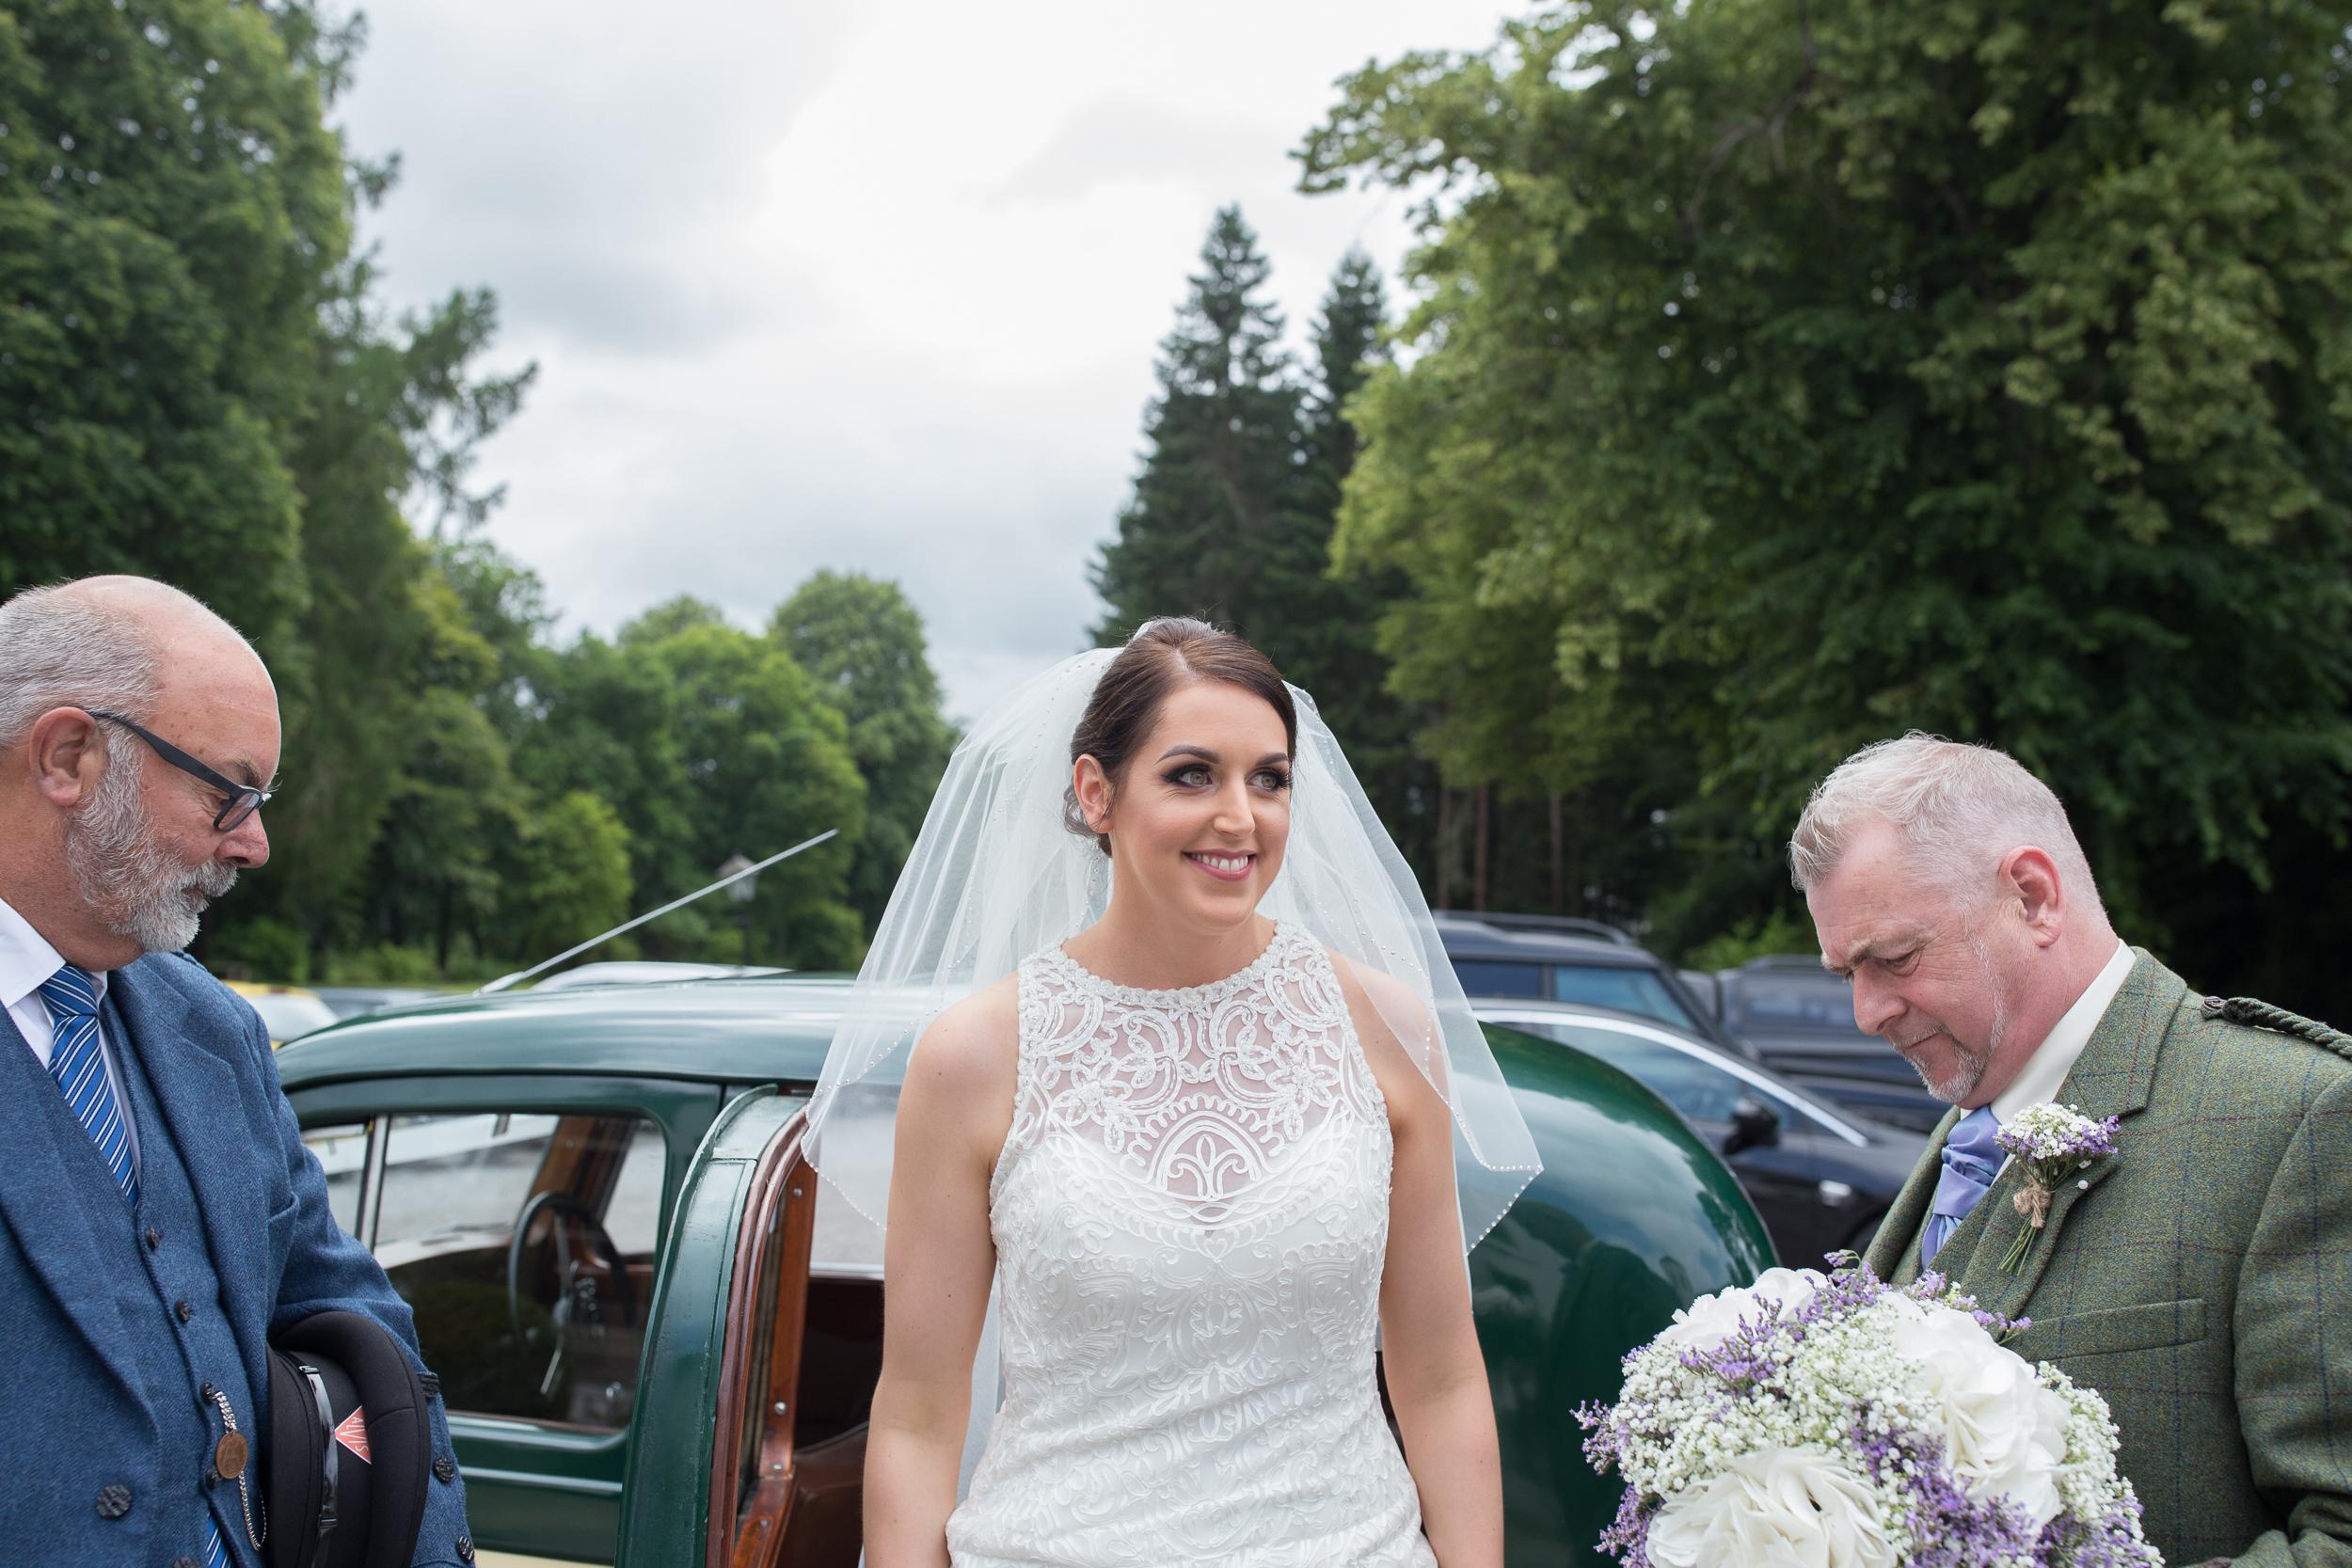 banchorylodgeweddingphotography (8 of 21).jpg